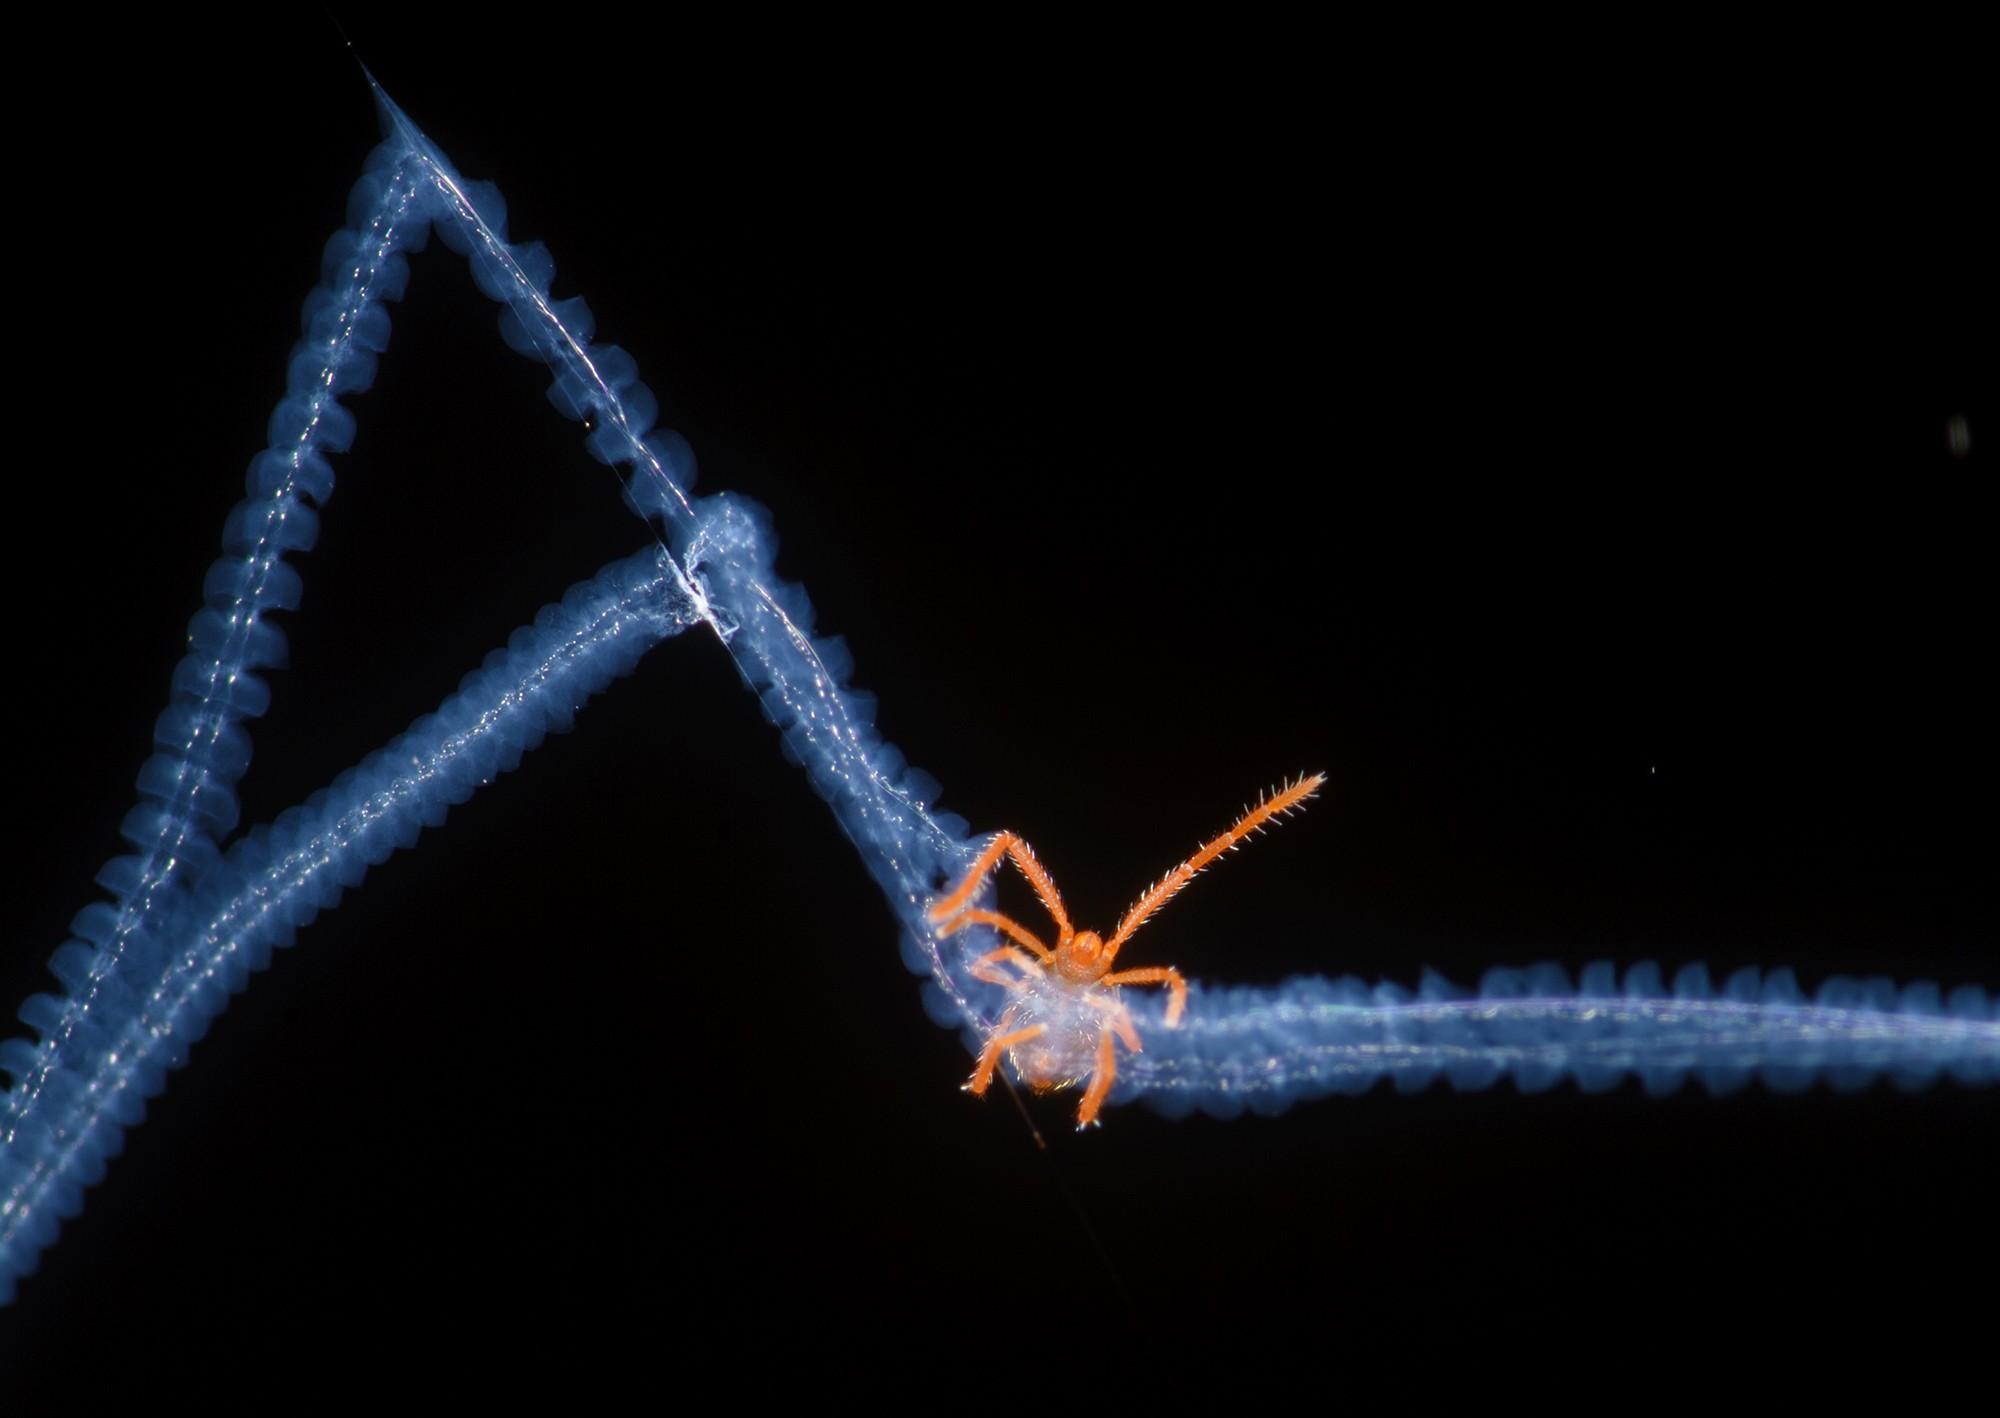 Microimagem registra ácaro preso em uma teia de aranha, em clique feito por Bernardo Segura e que ganhou uma menção honrosa (Foto: Bernardo Segura / Divulgação)